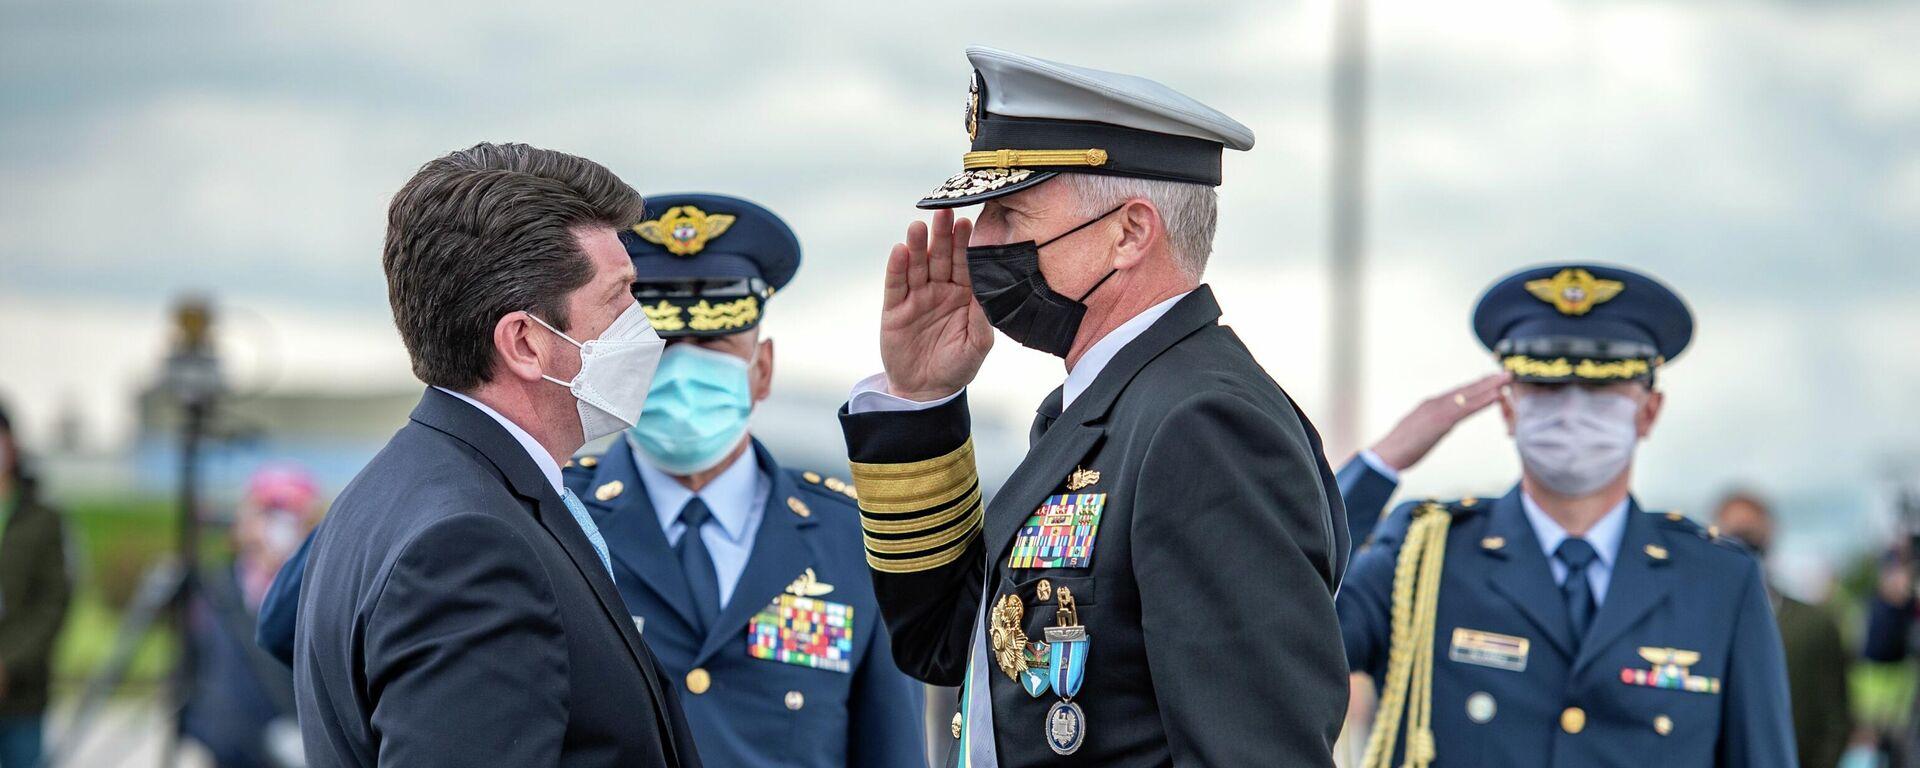 El ministro de Defensa colombiano, Diego Molano, condecorando al almirante Craig Faller, jefe del Comando Sur de EEUU - Sputnik Mundo, 1920, 23.09.2021